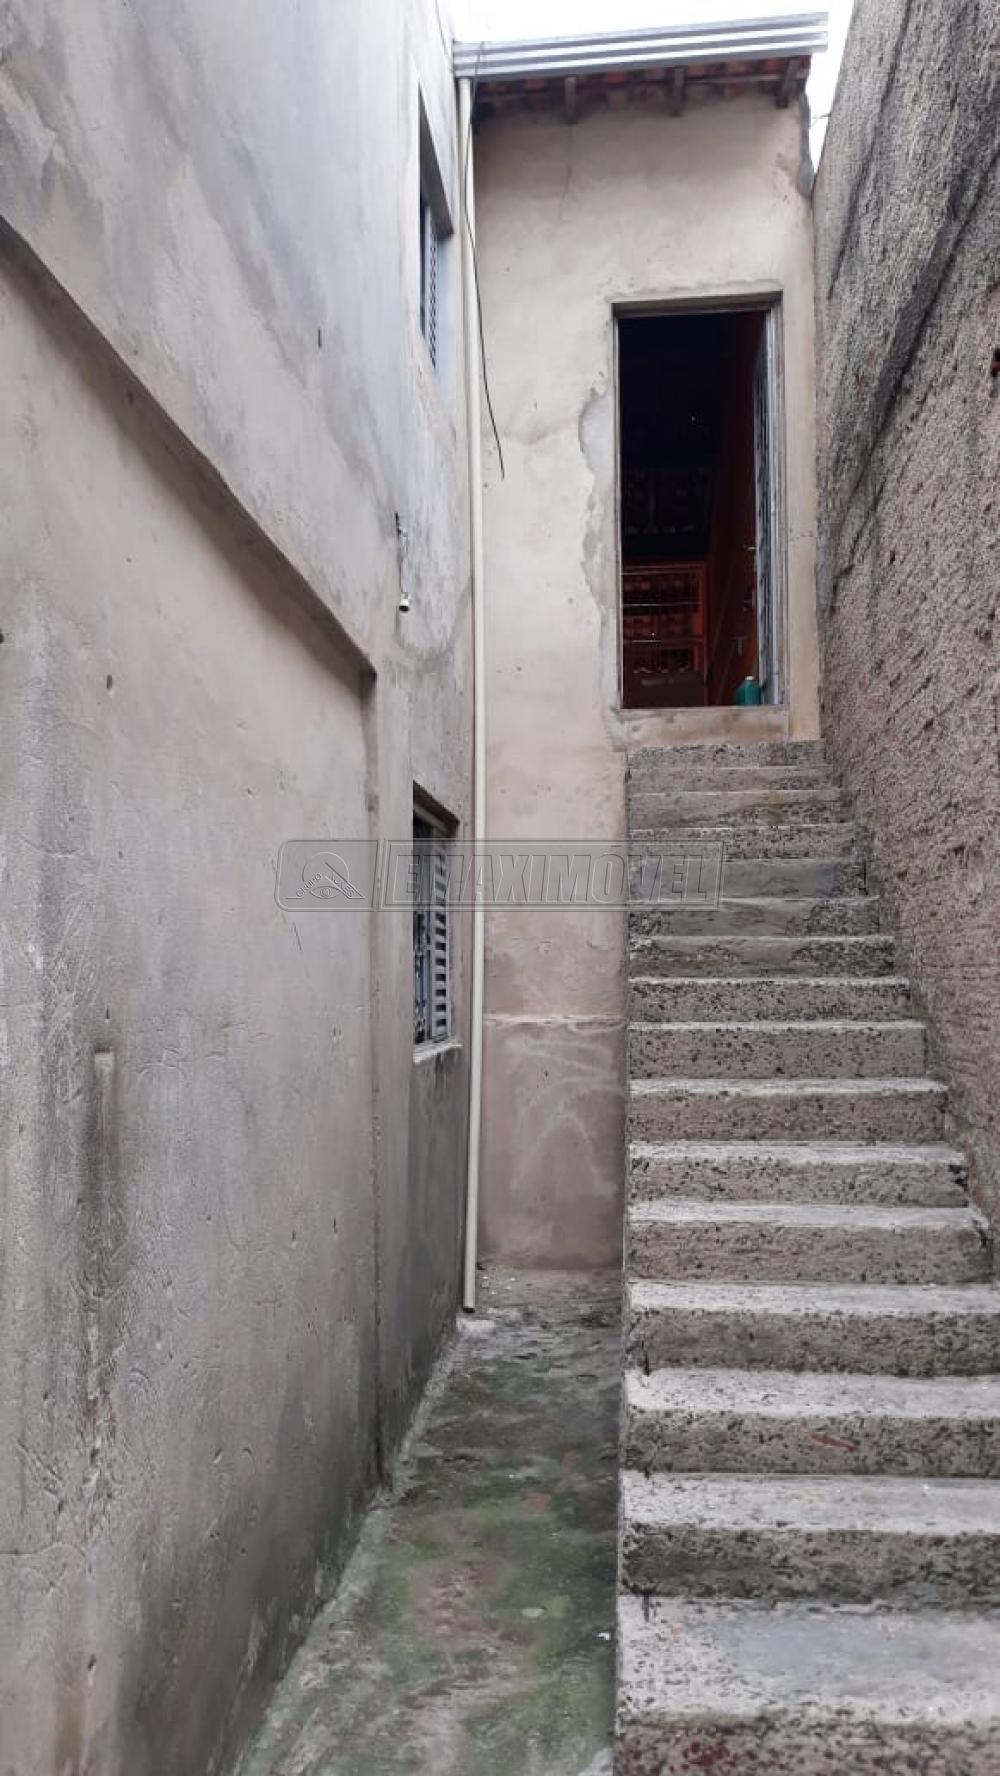 Comprar Casas / em Bairros em Sorocaba apenas R$ 165.000,00 - Foto 5